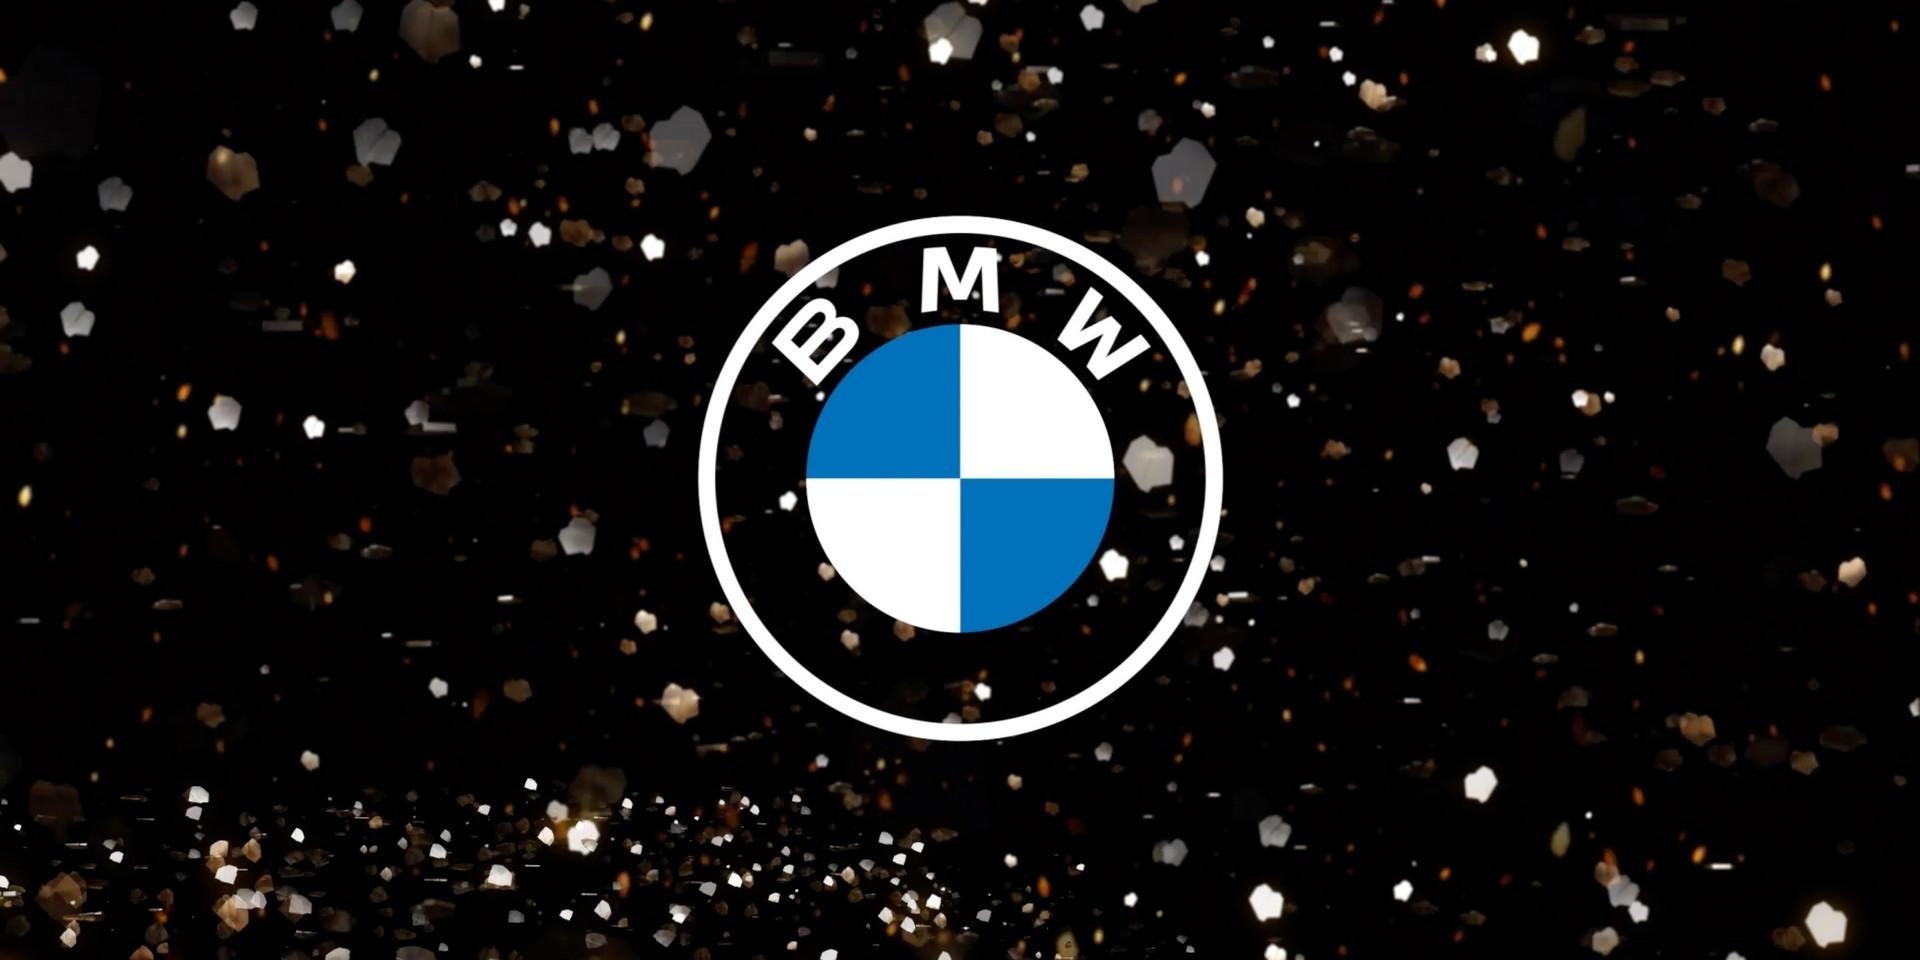 邁向品牌新紀元!BMW新商標齊發!